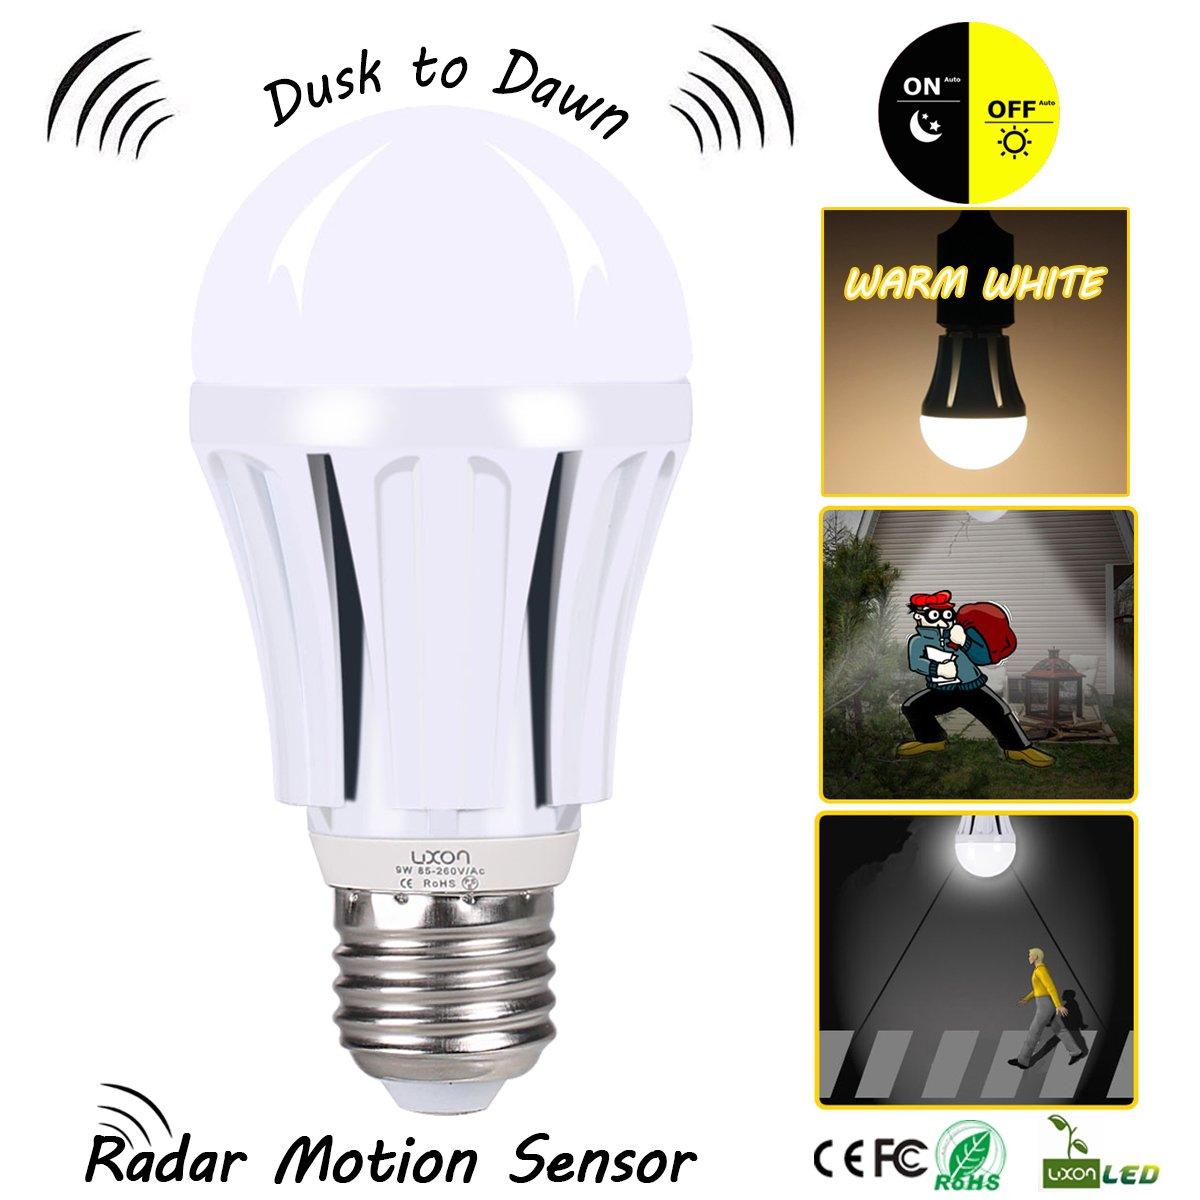 dusk to dawn led motion sensor light bulb 100 watt equivalent 9w